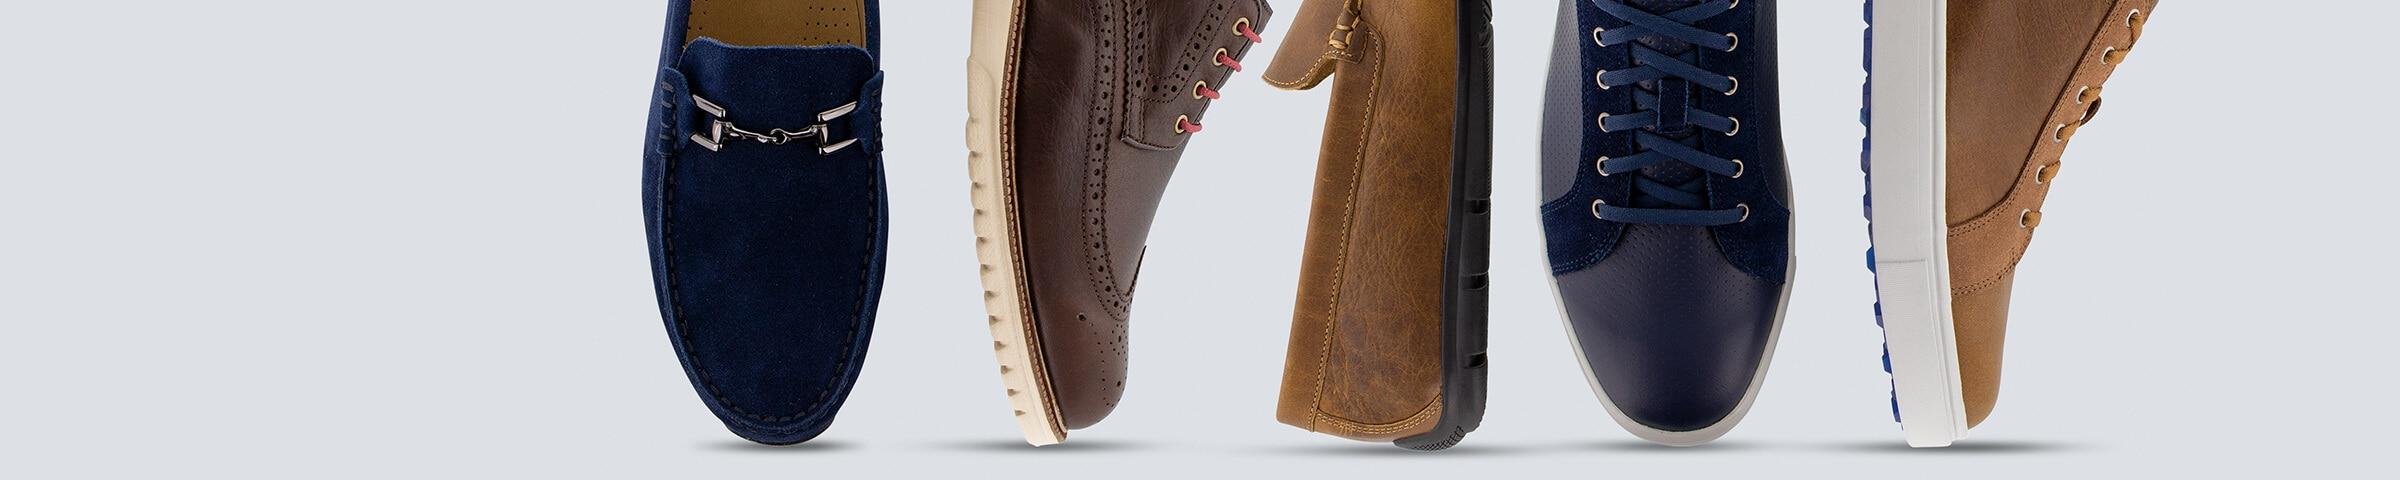 FootJoy Men's Off Course Shoes